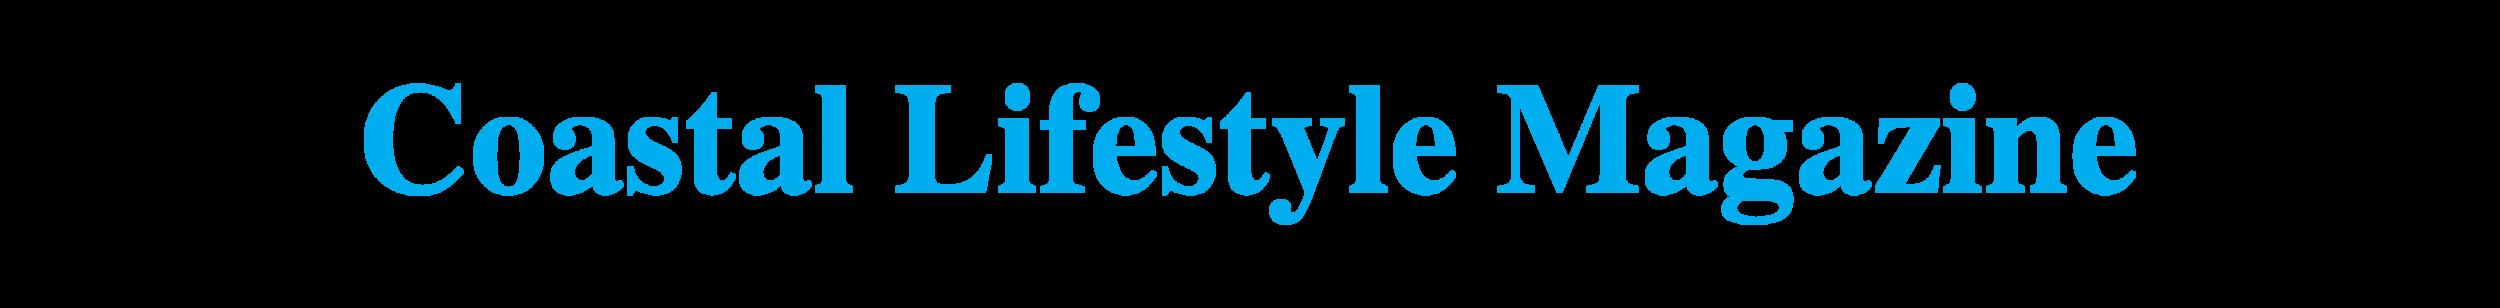 coastal lifestyle magazine.png